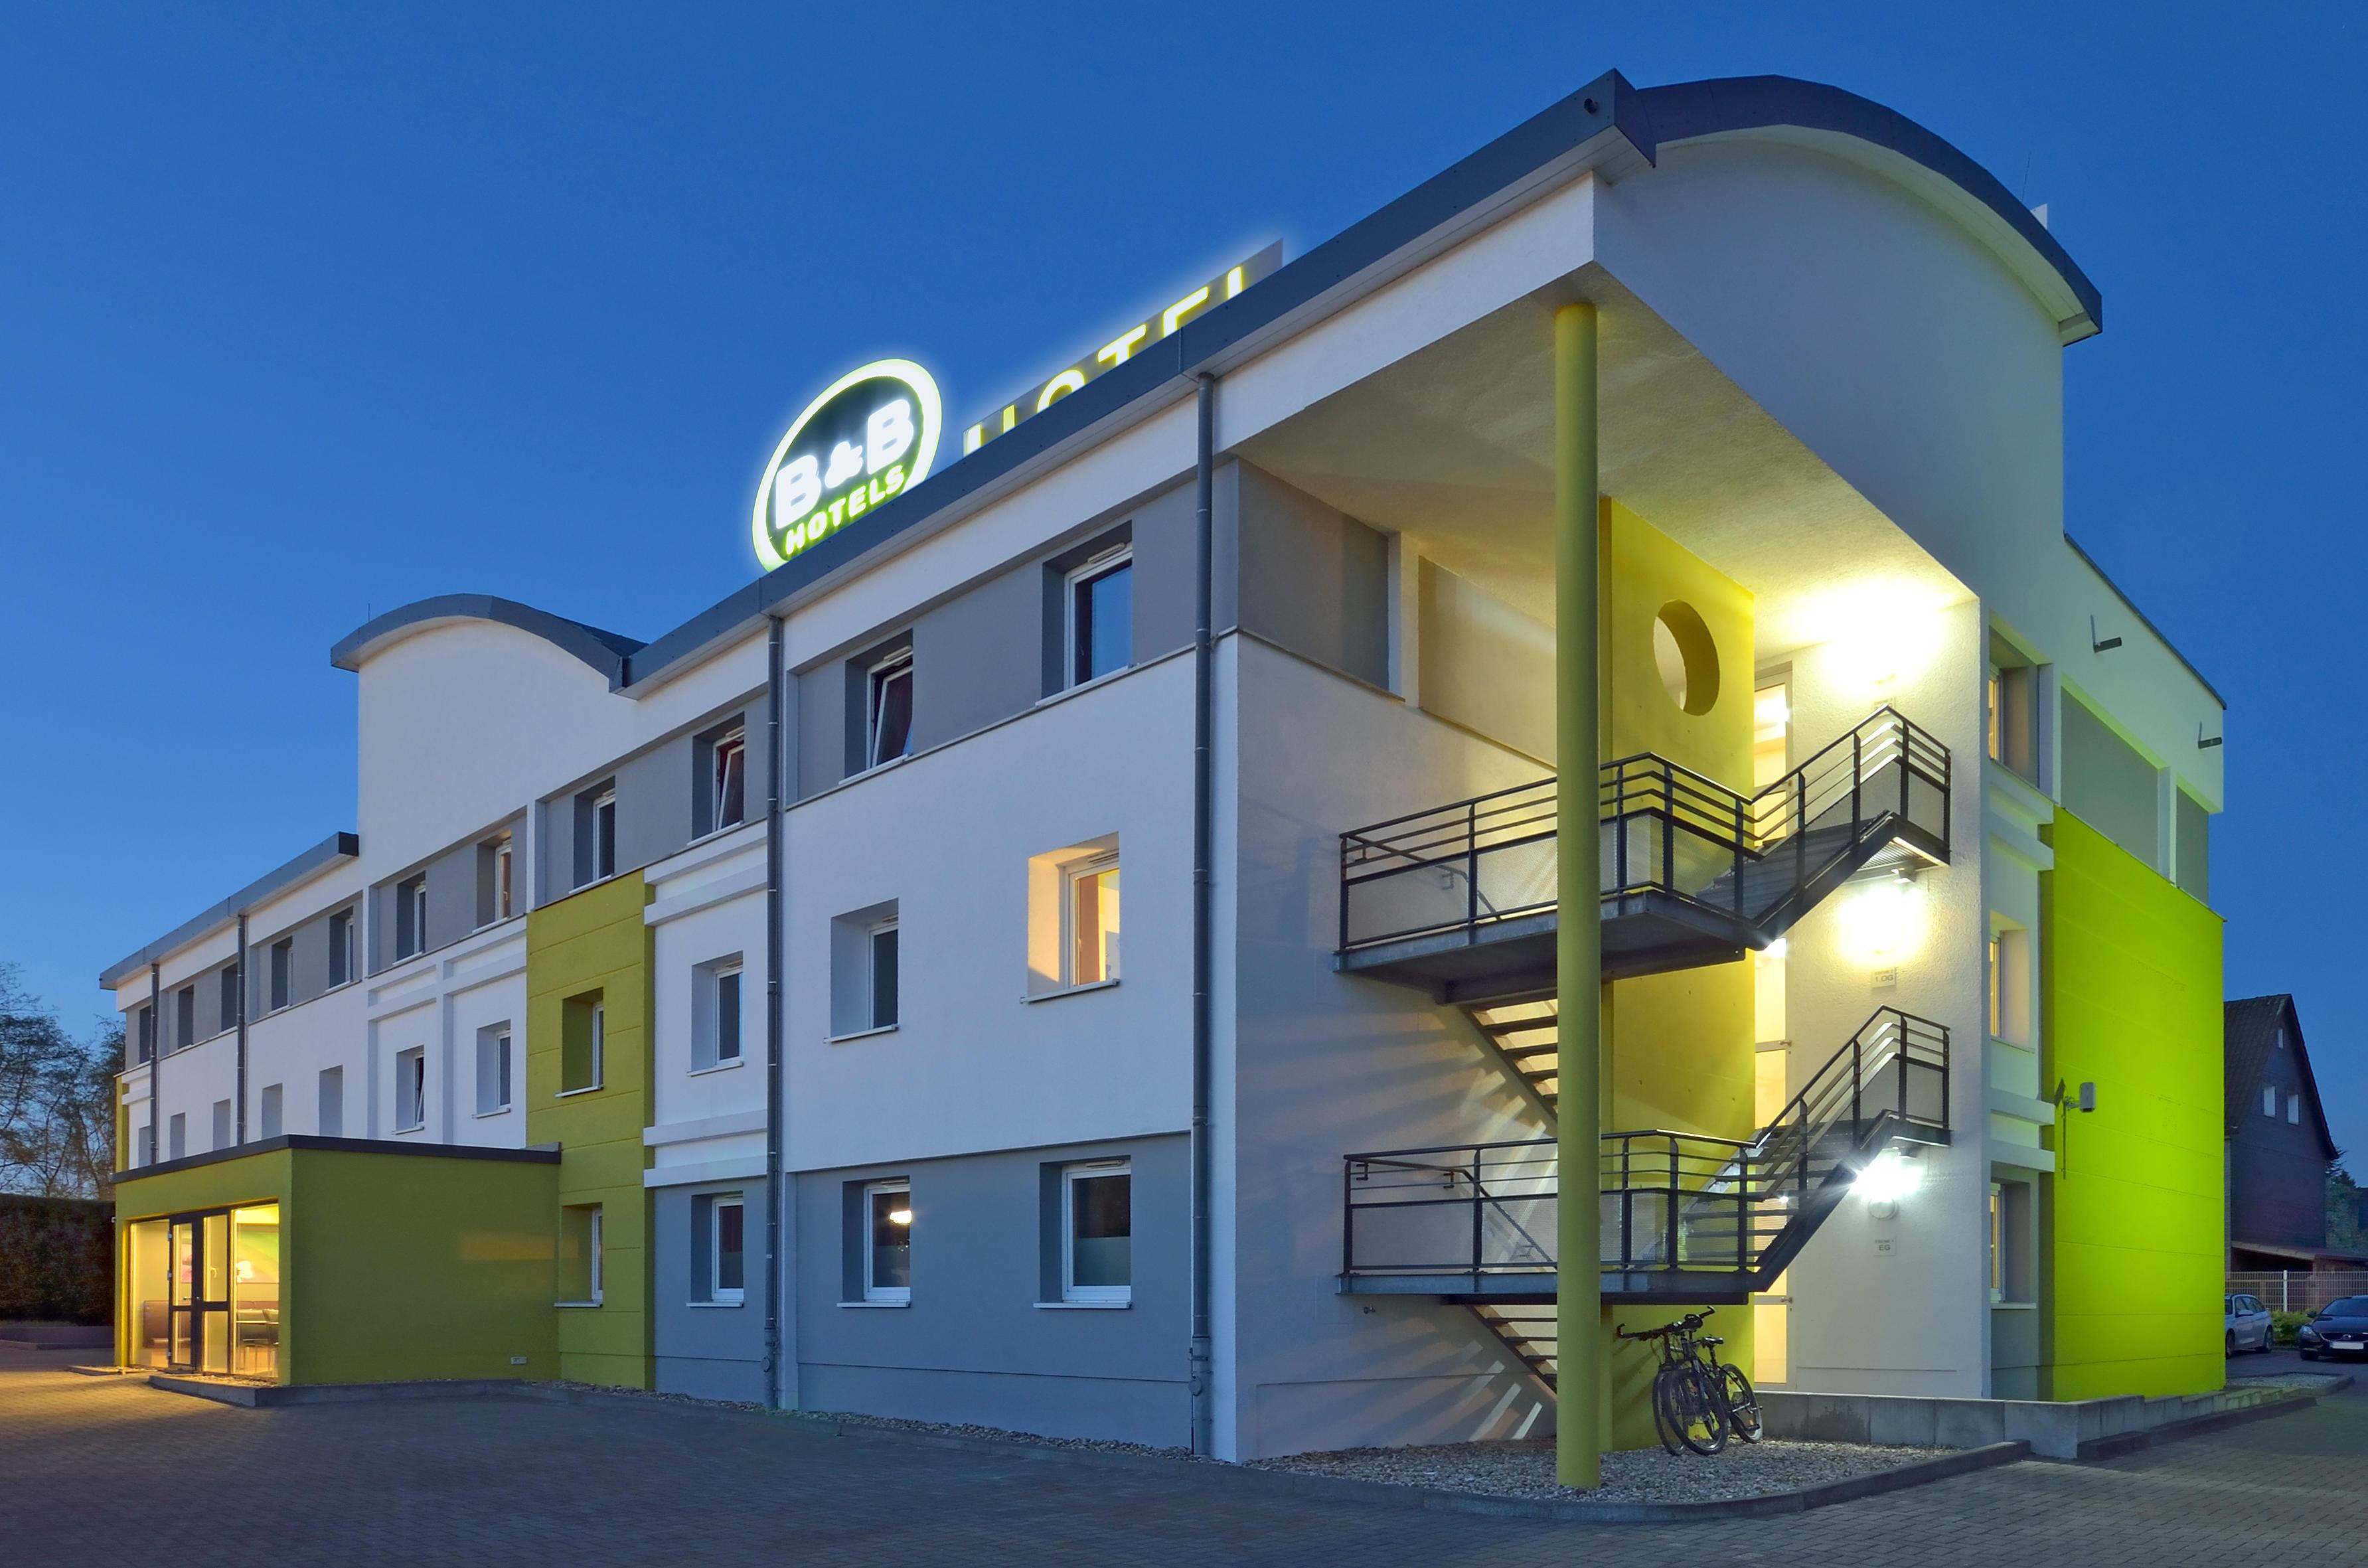 B&B Hotel Bochum-Herne, Regenkamp 14 in Herne